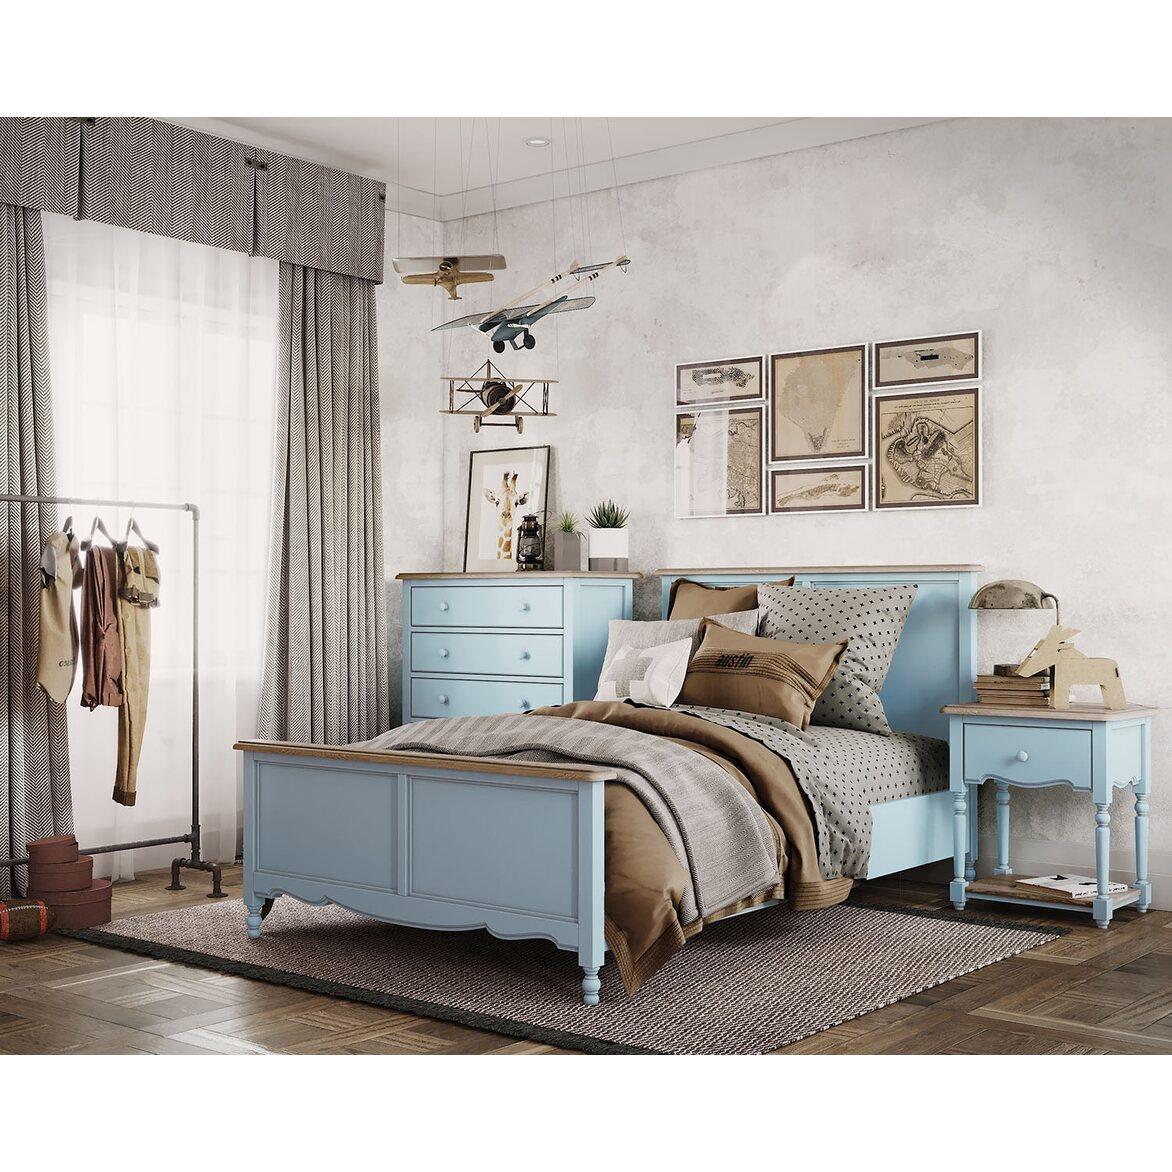 Письменный стол с 3-я ящиками Leblanc, голубой 5 | Письменные столы Kingsby